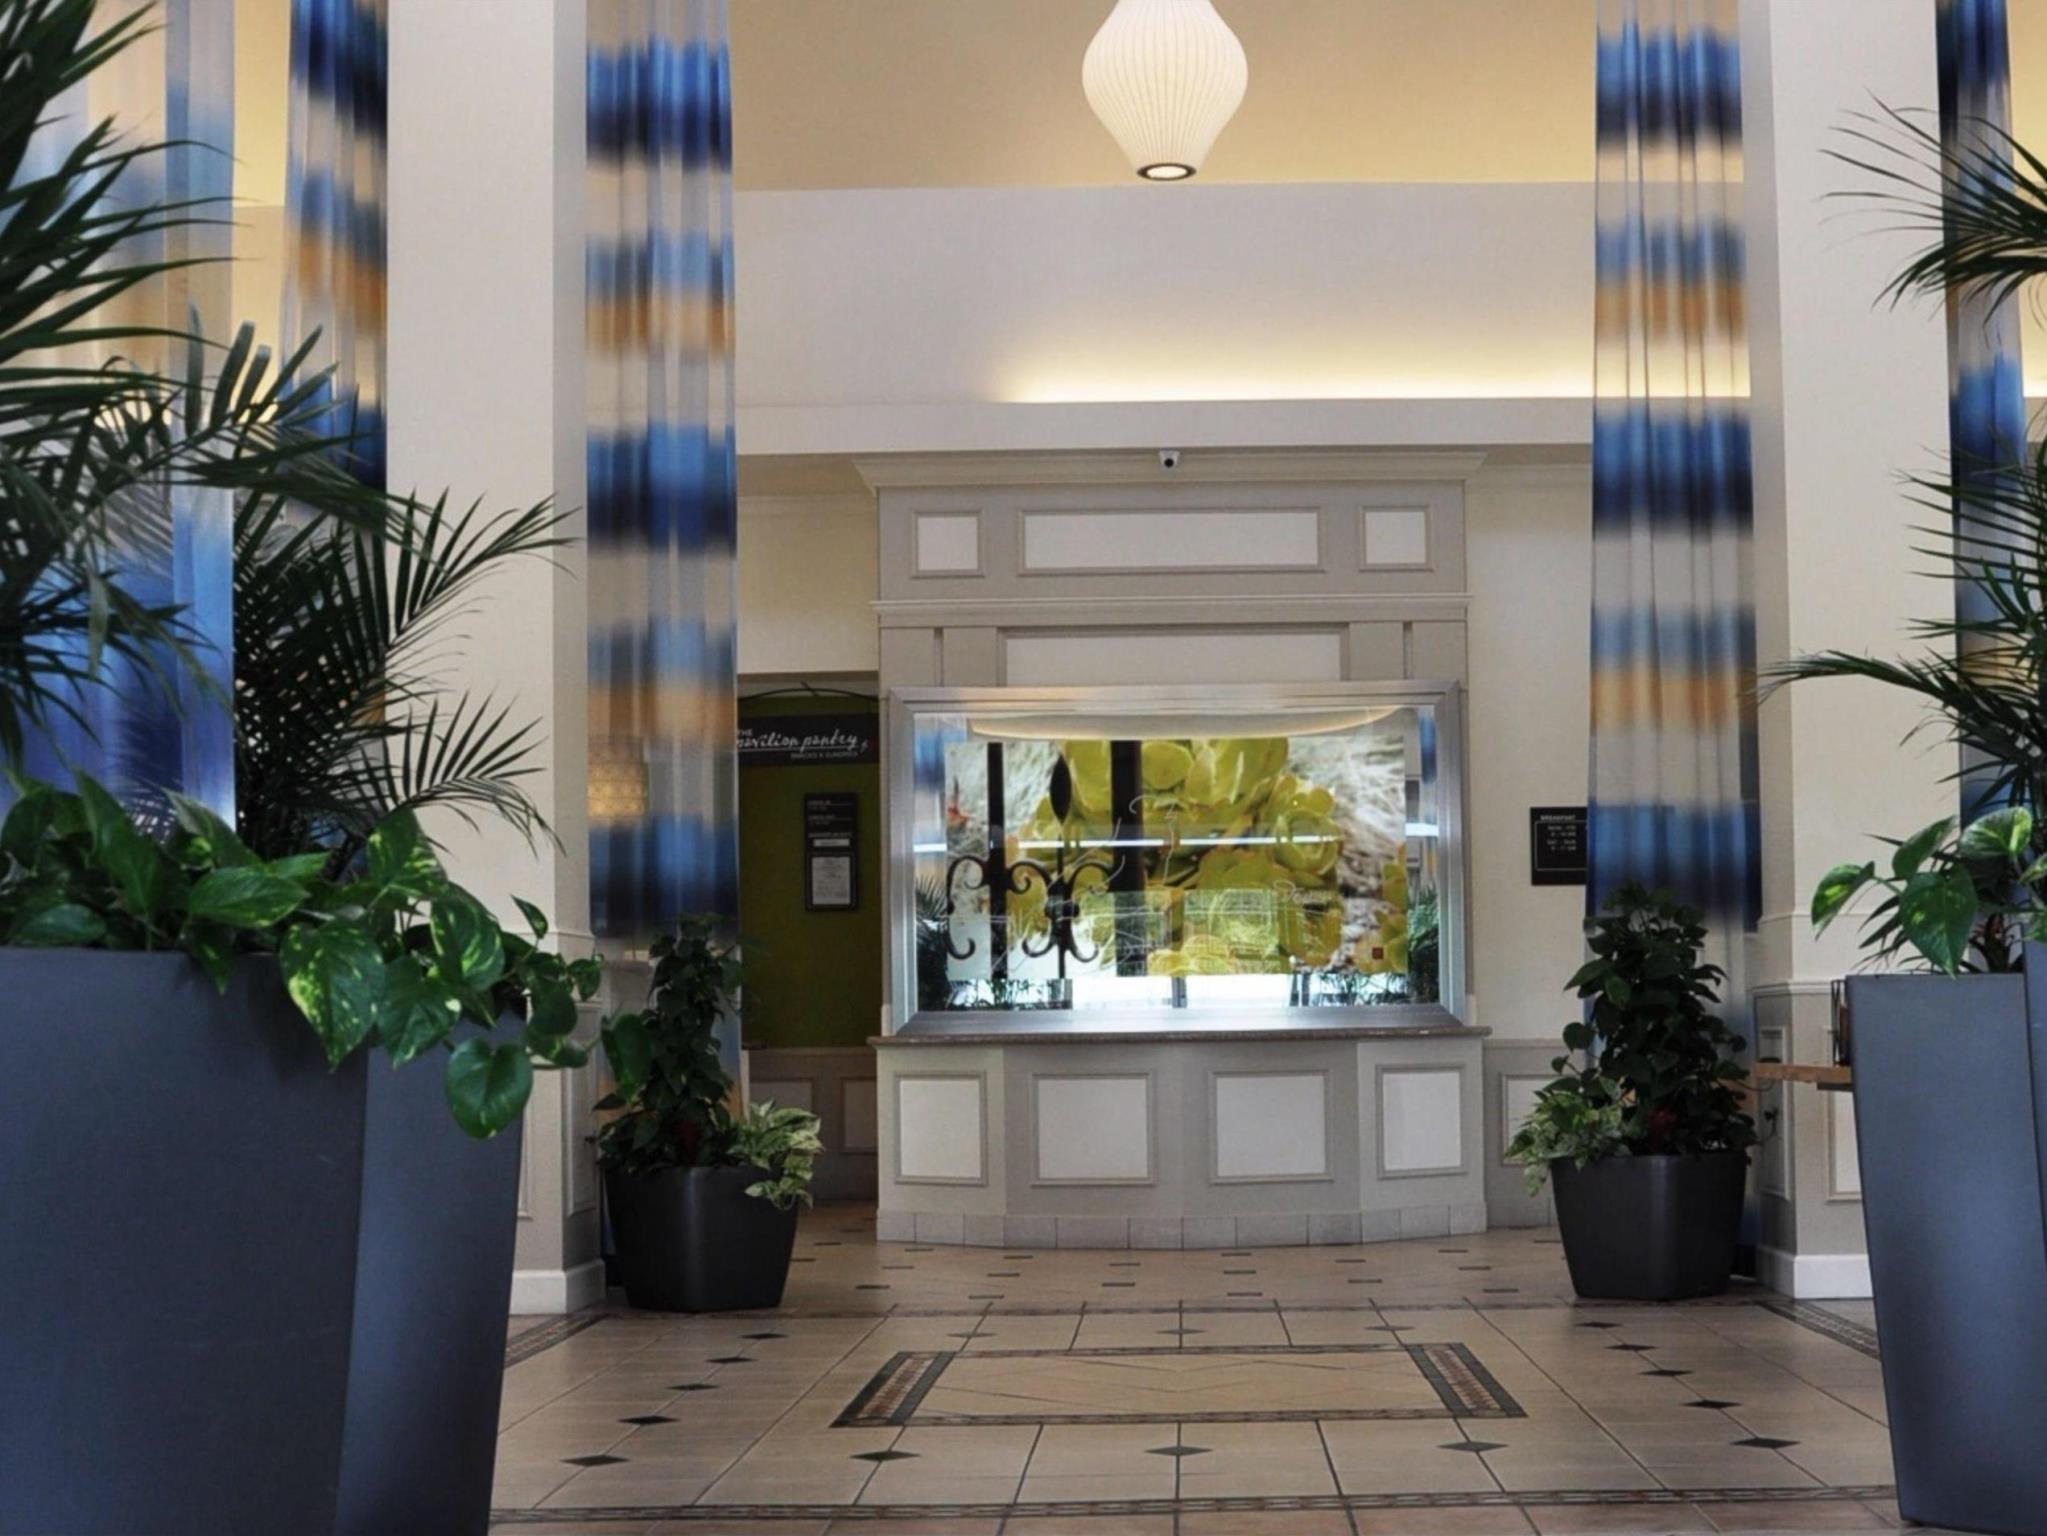 Lobby Hilton Garden Inn Gettysburg. Lobby